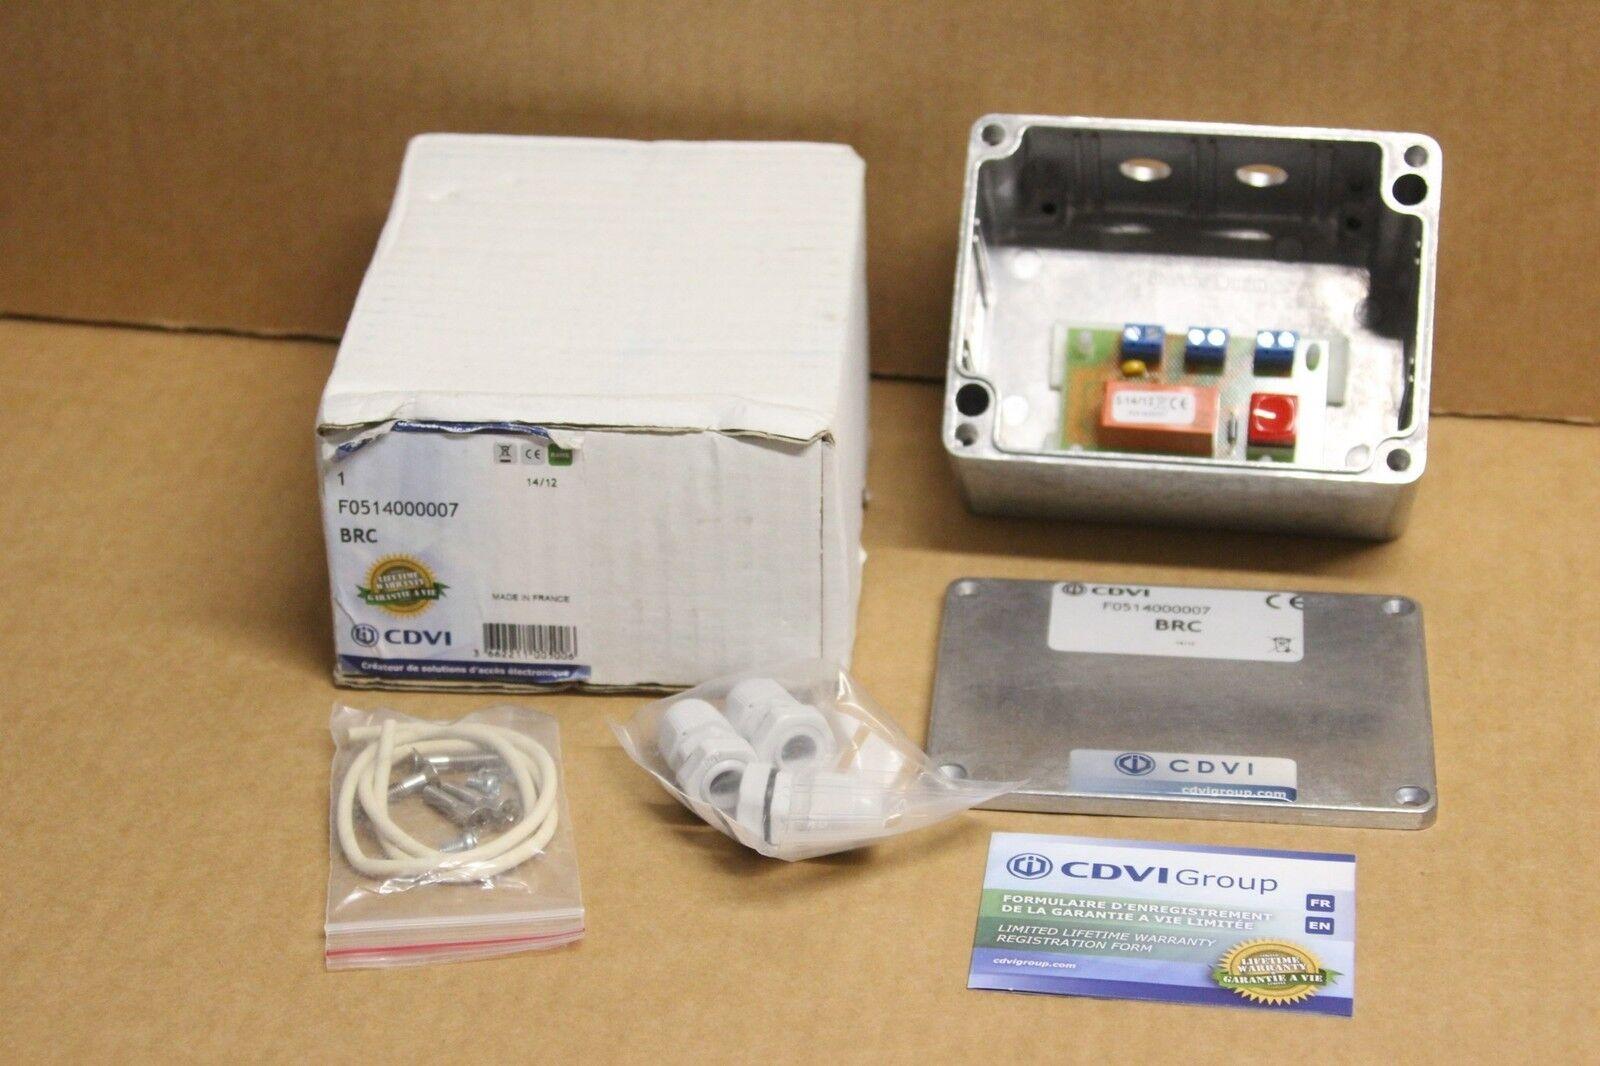 Boitier relais commande ventouses & gaches electromagnetiques - CDVI F0514000007